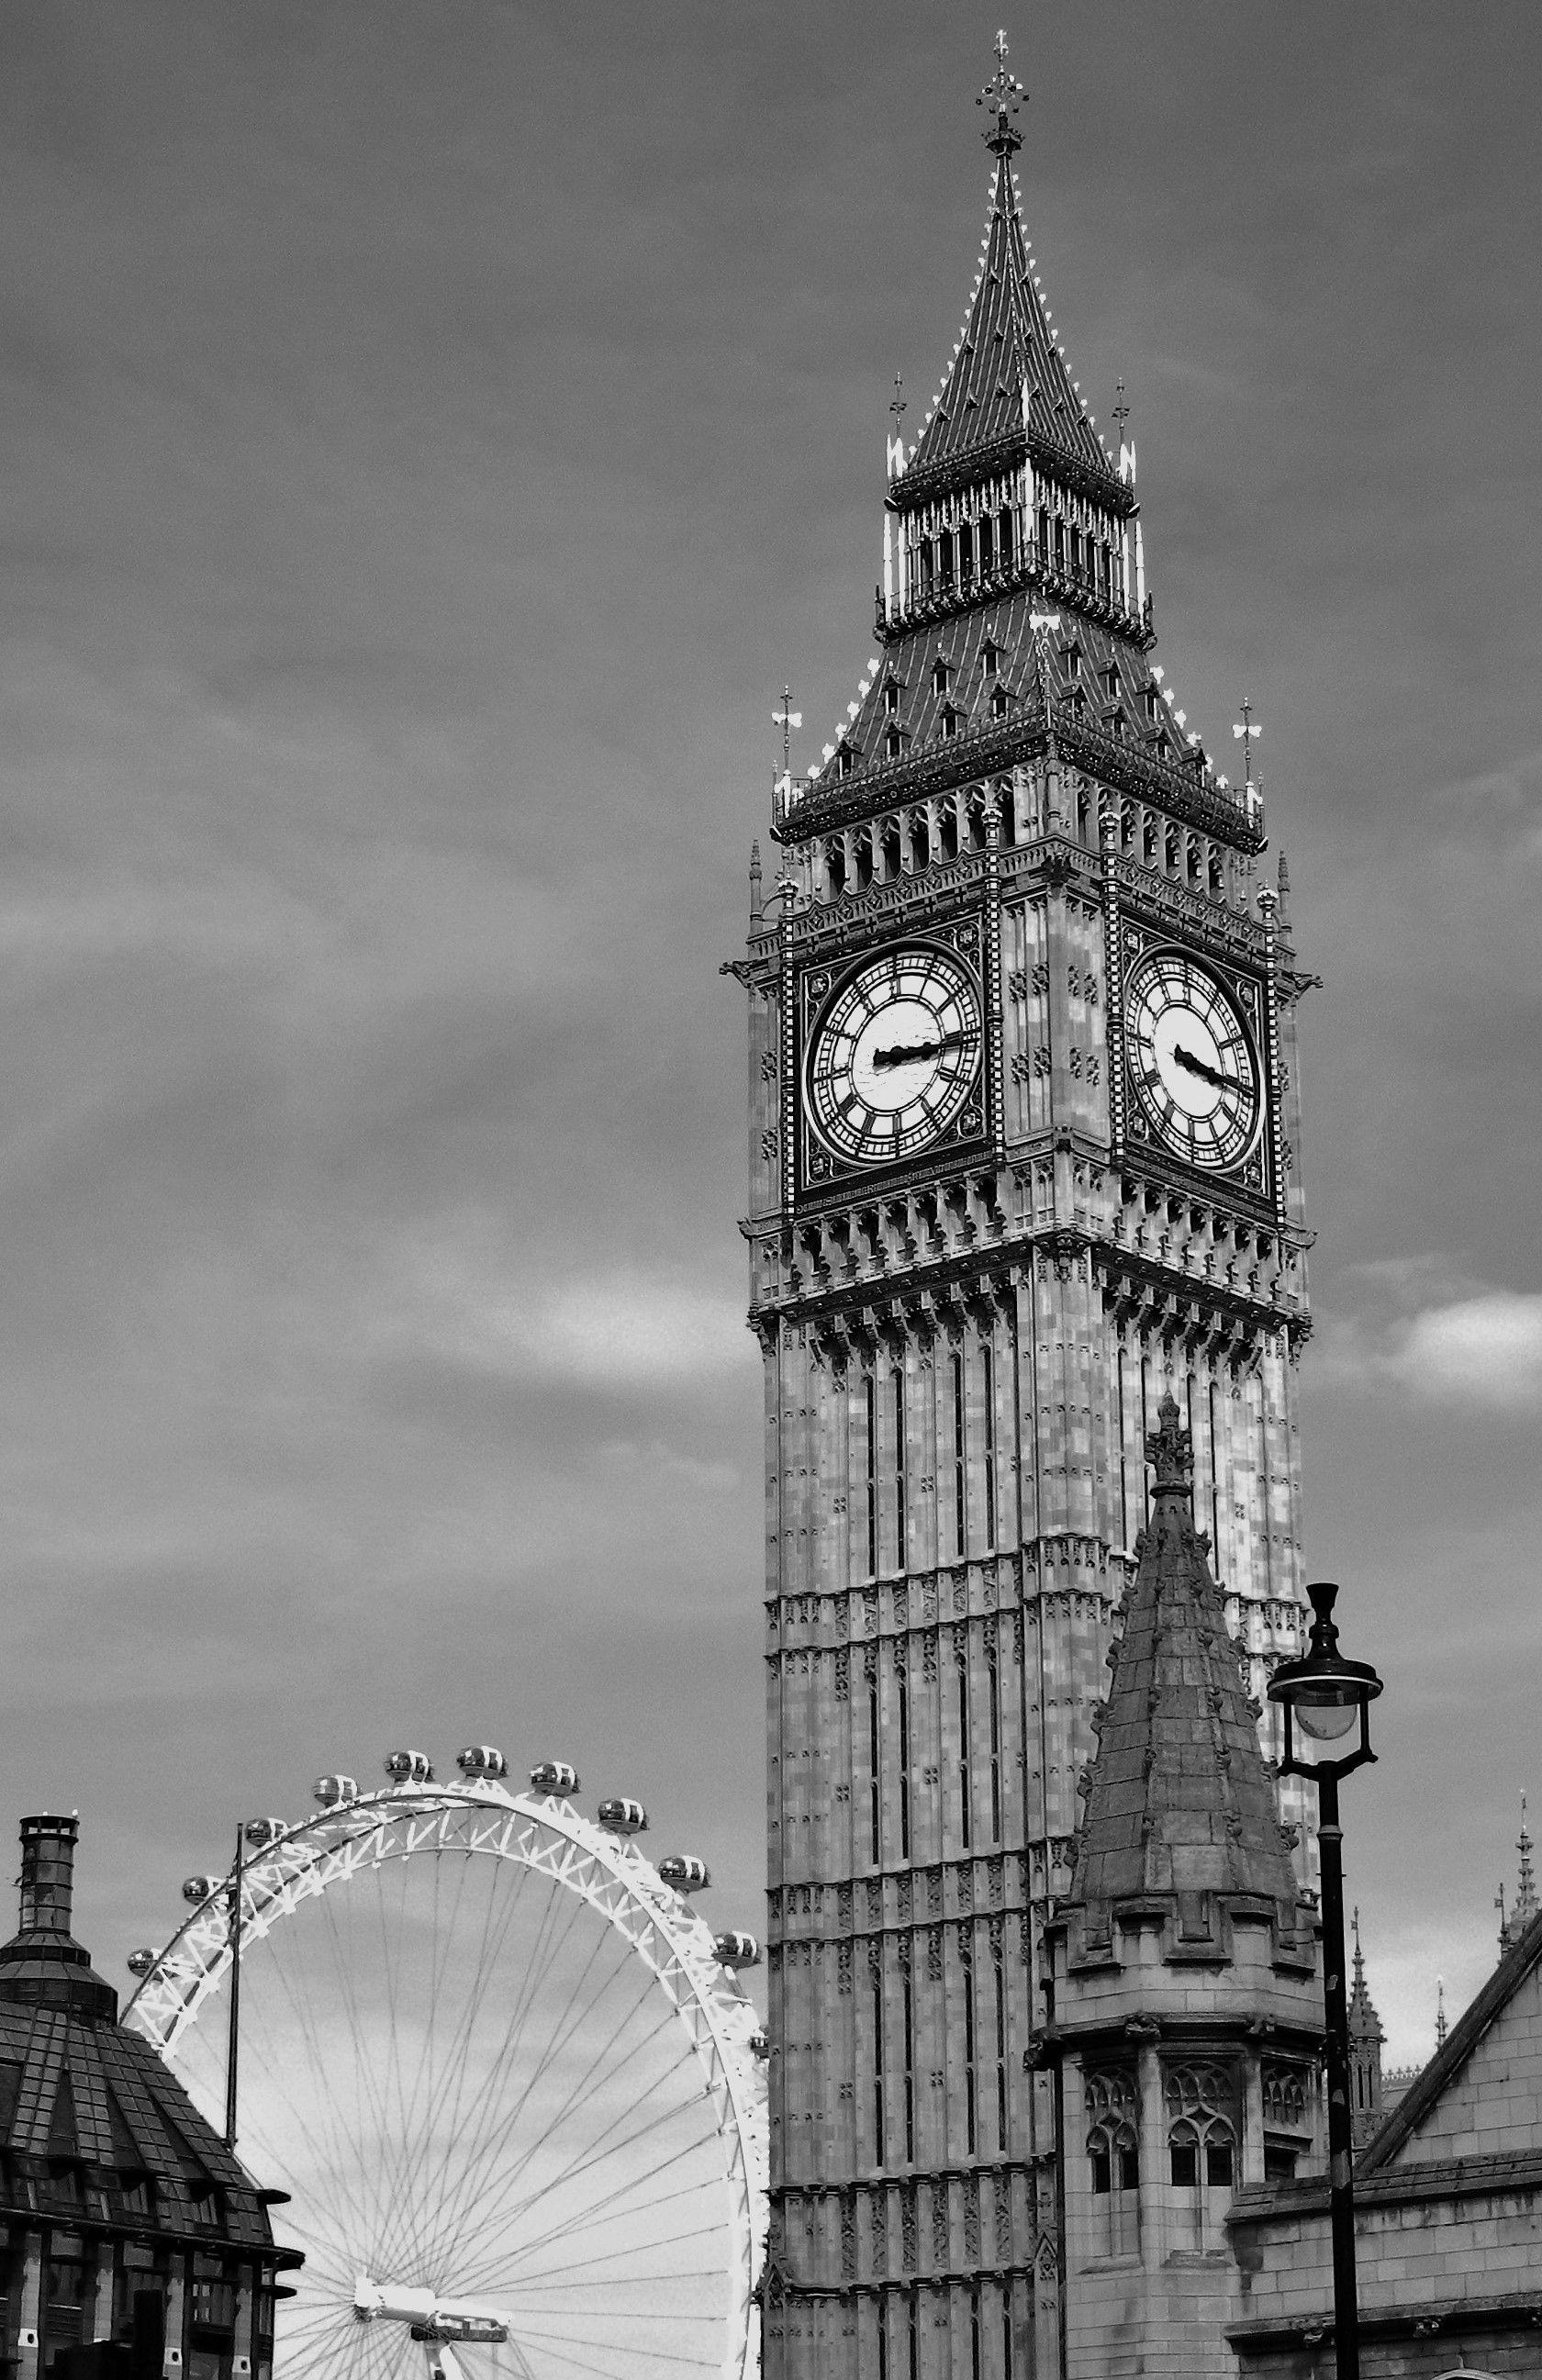 London, UK. May 2014